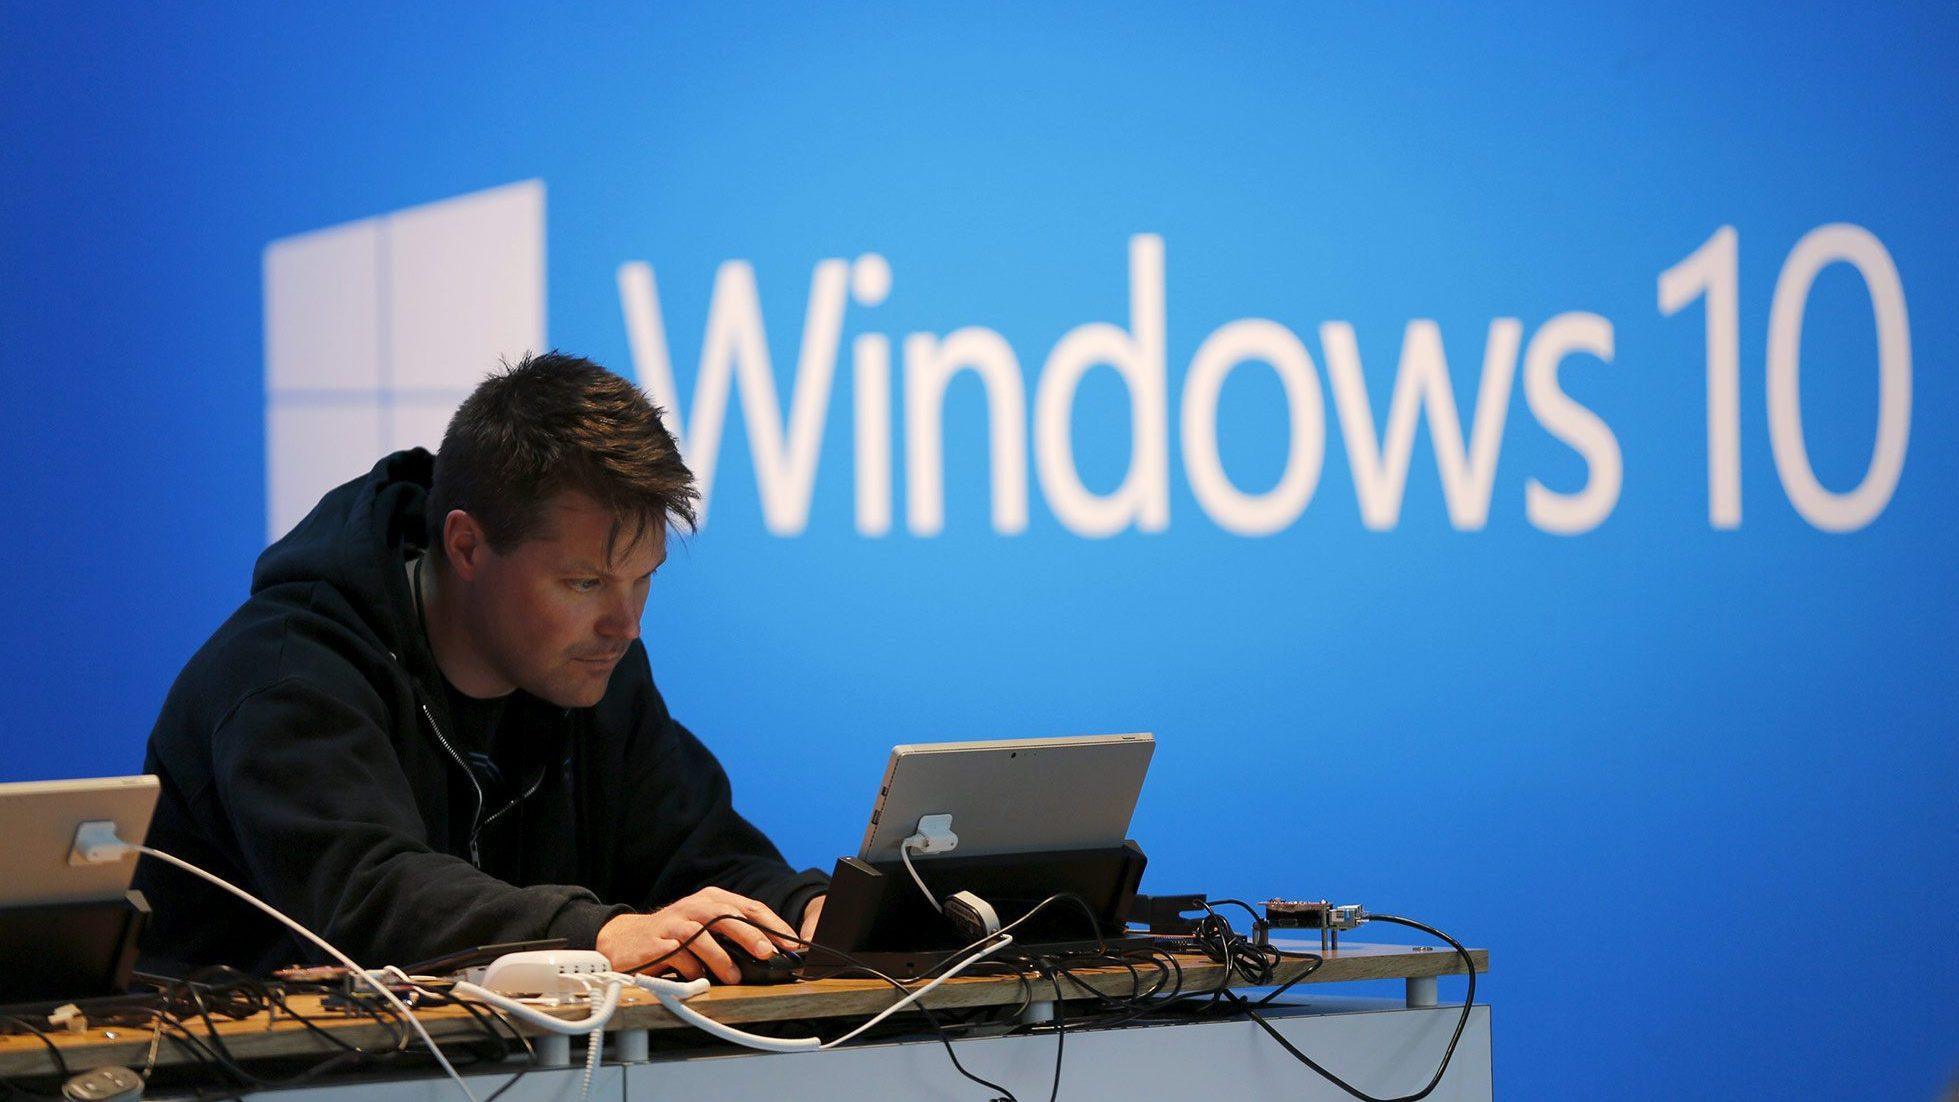 Configuración de Windows 10 viola leyes locales, dicen fiscales en Brasil